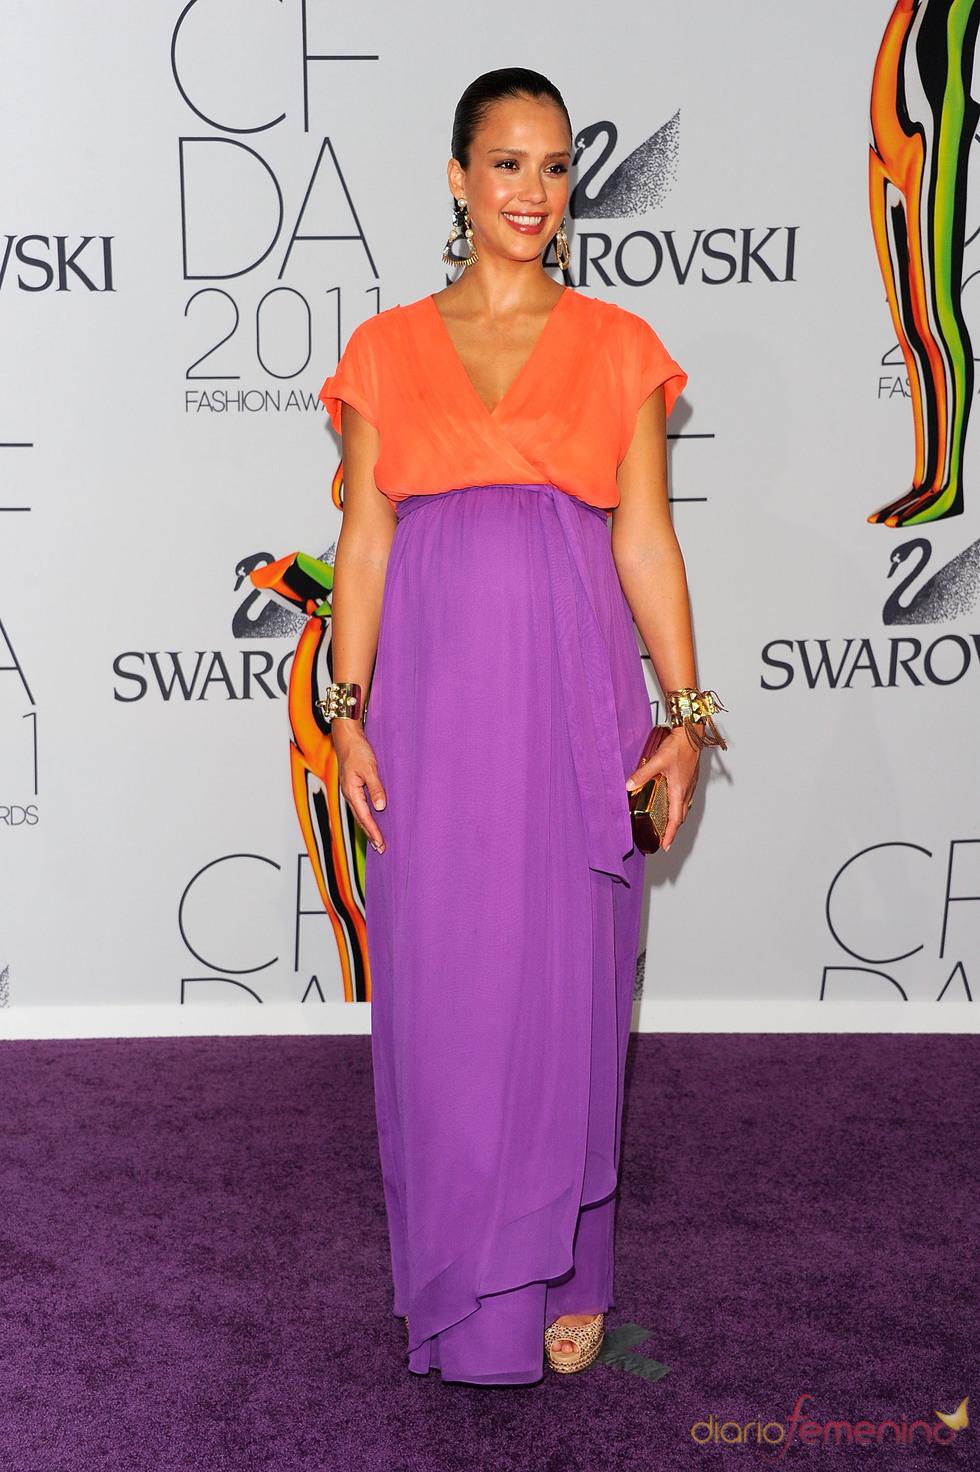 Jessica Alba en los Premios de Moda CFDA 2011